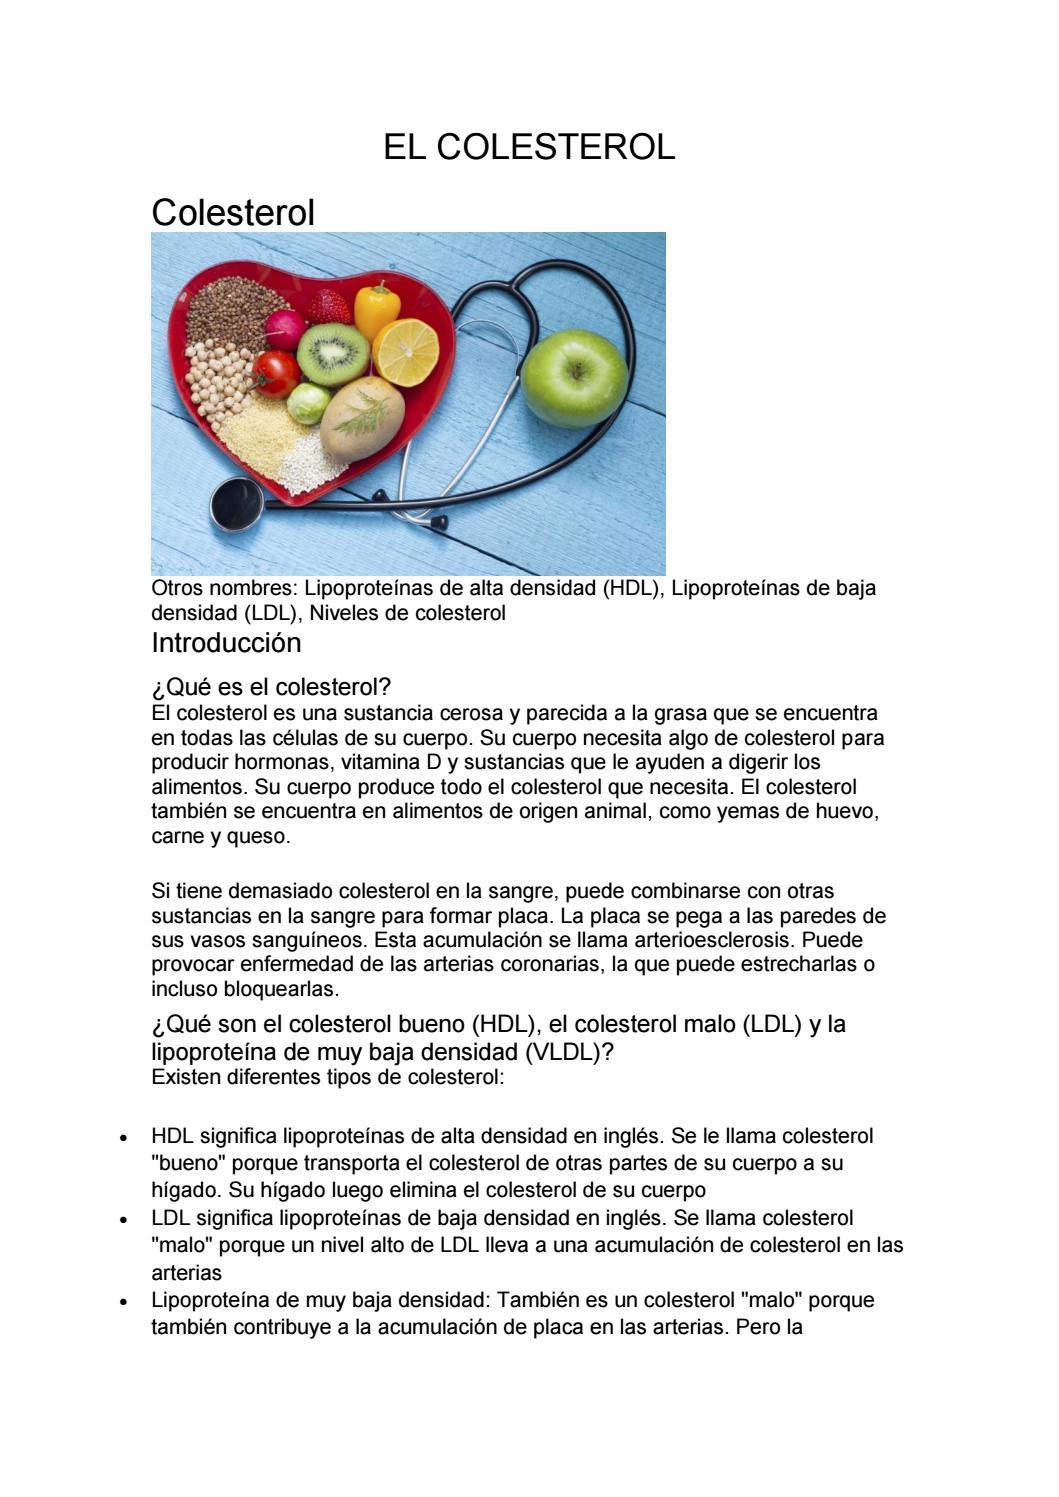 clases de colesterol bueno y malo